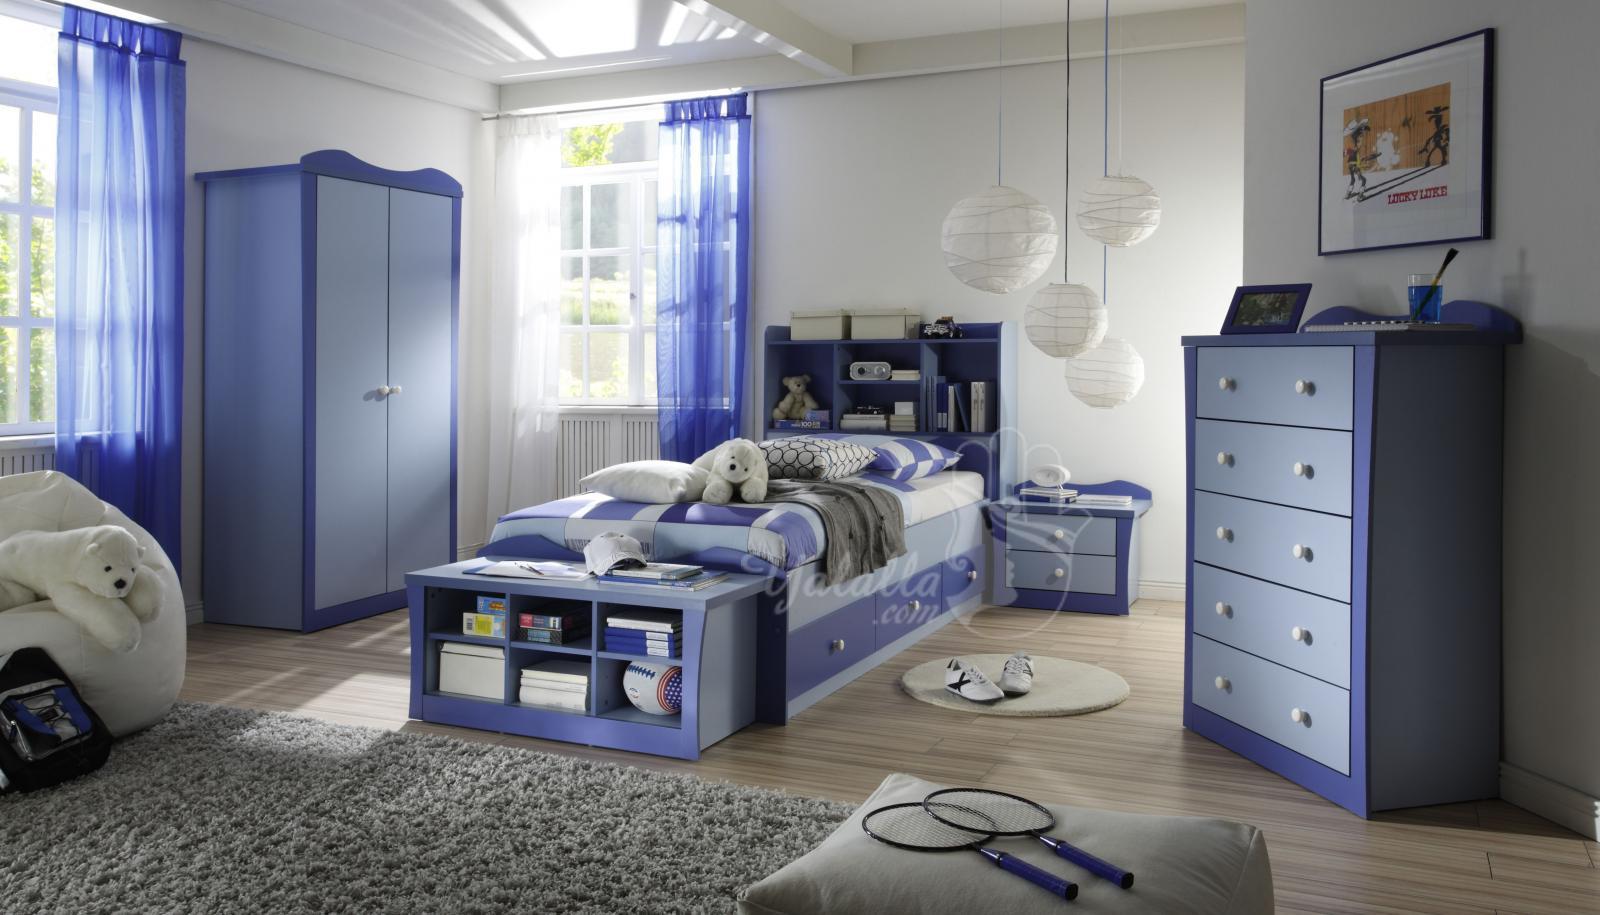 غرف نوم ذكور مرتبة بشكل أنيق وتناسب كل الأعمار   موقع يا لالة